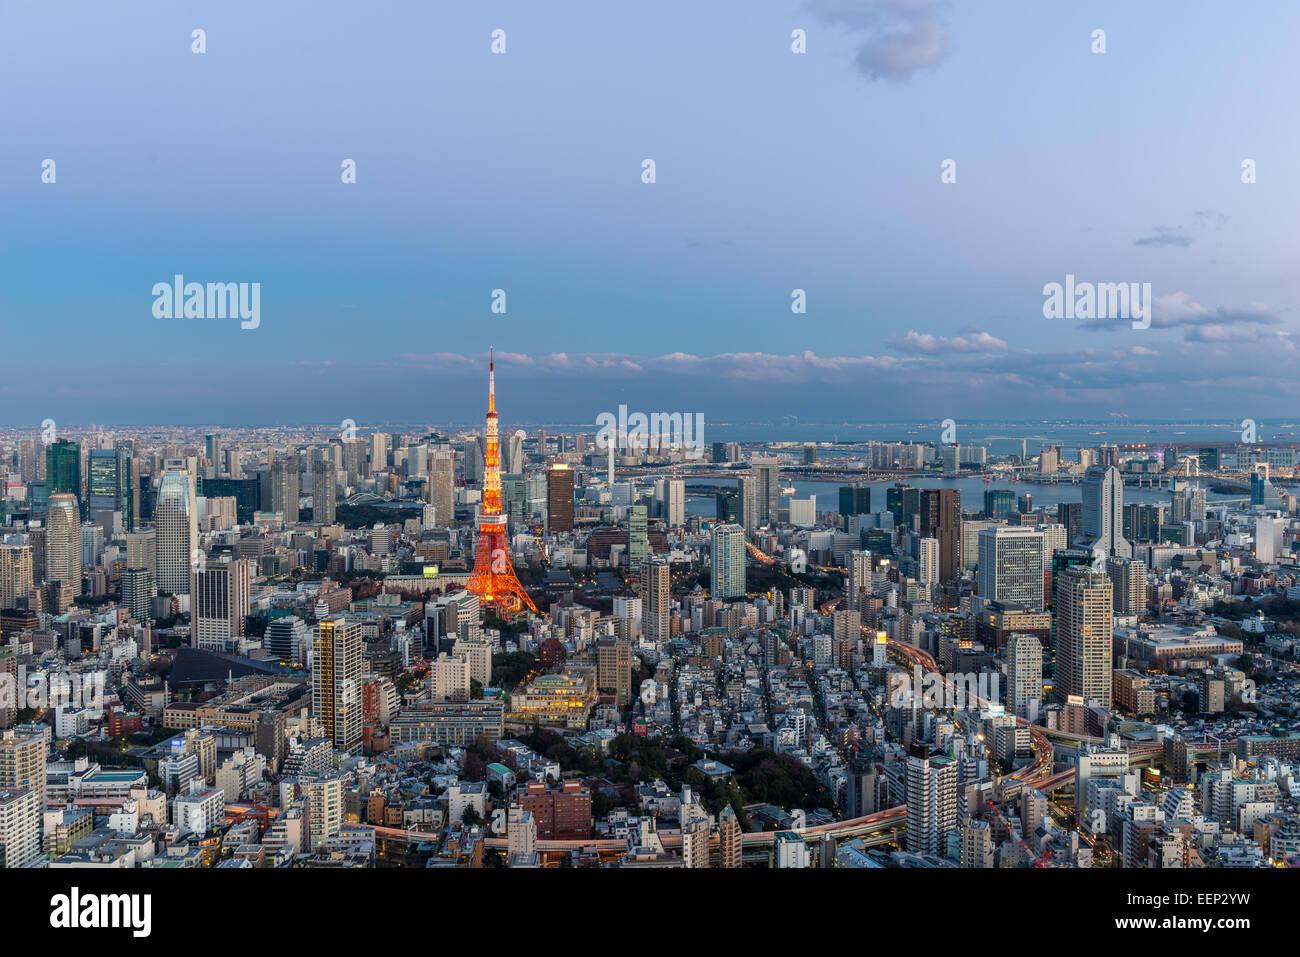 La Torre di Tokyo si distingue tra il paesaggio urbano di Tokyo come approcci di sera. Immagini Stock